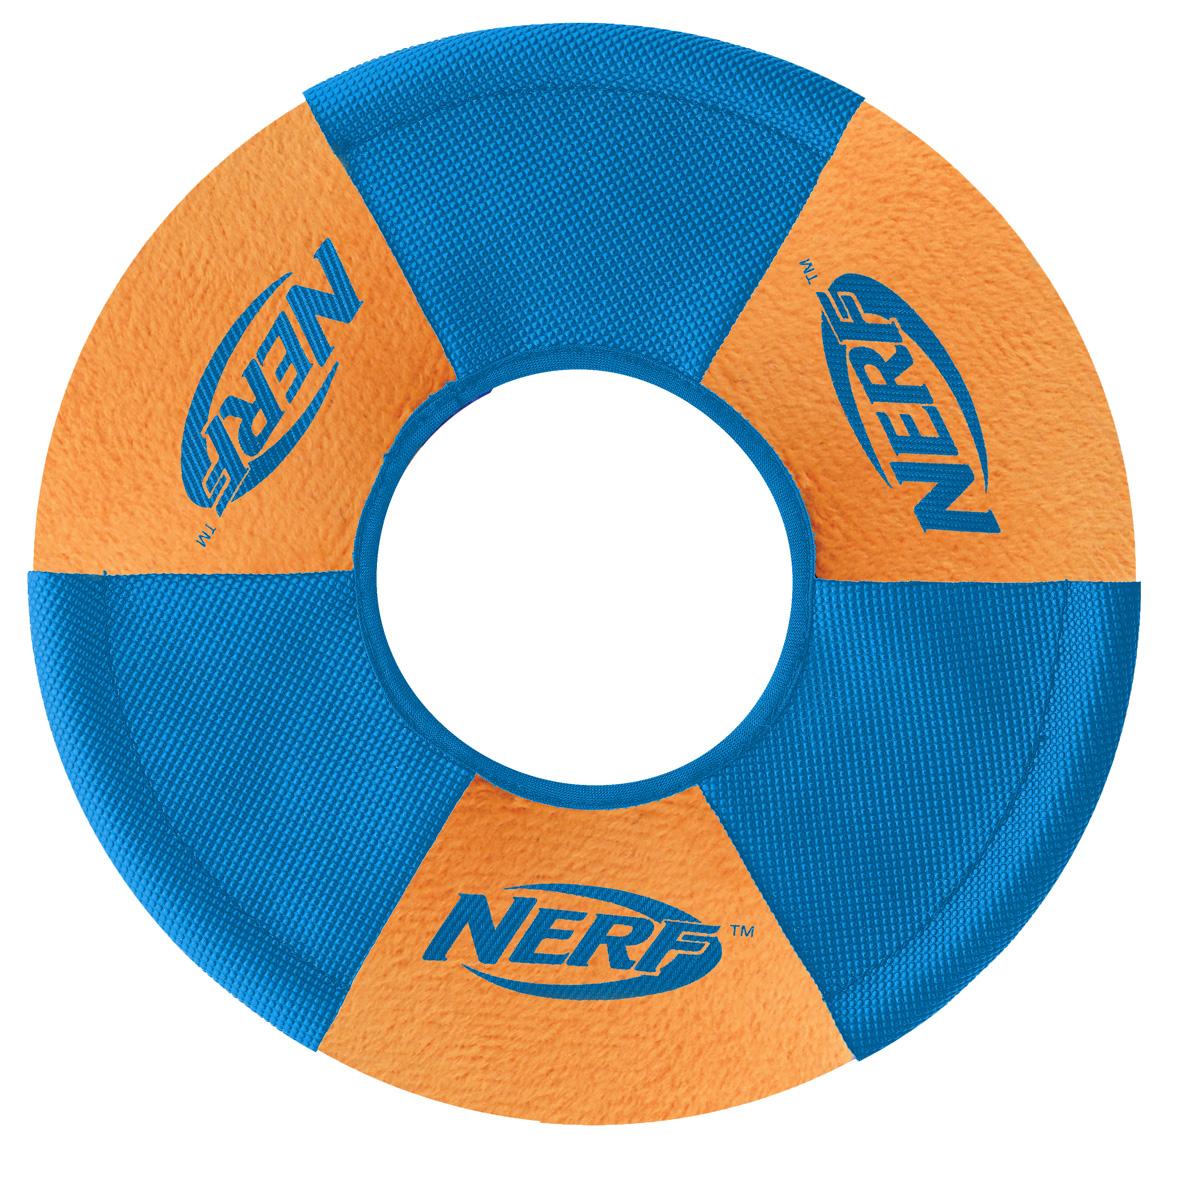 Игрушка для собак Nerf Диск для фрисби, плюшевый, цвет: синий, оранжевый, 22,5 см22552Летающая тарелка-фрисби Nerf – это удивительный спортивный снаряд, с которым не придется скучать.Кроме великолепных лётных качеств, диск безопасен для собачьих зубов и десен.Ультрамягкие плюшевые панели с прочными резиновыми покрытием из нейлона.Оптимален для активных игр на свежем воздухе.Диаметр: 22,5 см.